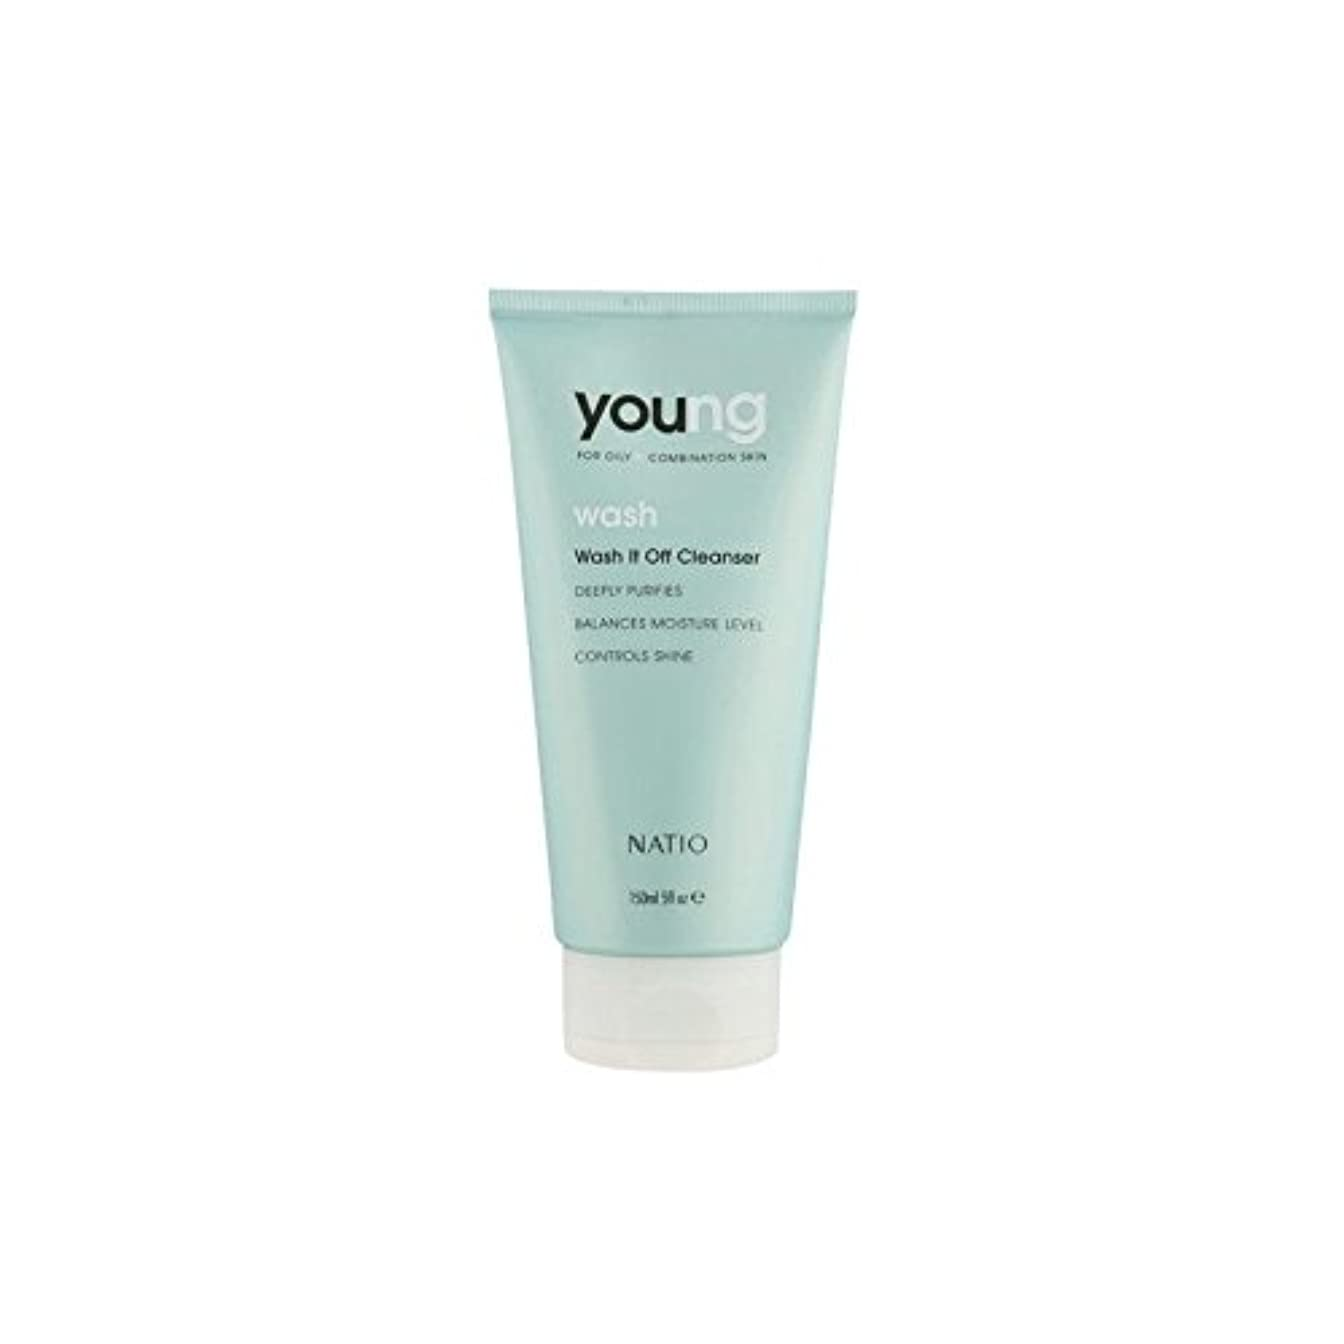 ソファーやむを得ない楽なNatio Young Wash It Off Cleanser (150ml) - 若いウォッシュそれオフクレンザー(150ミリリットル) [並行輸入品]